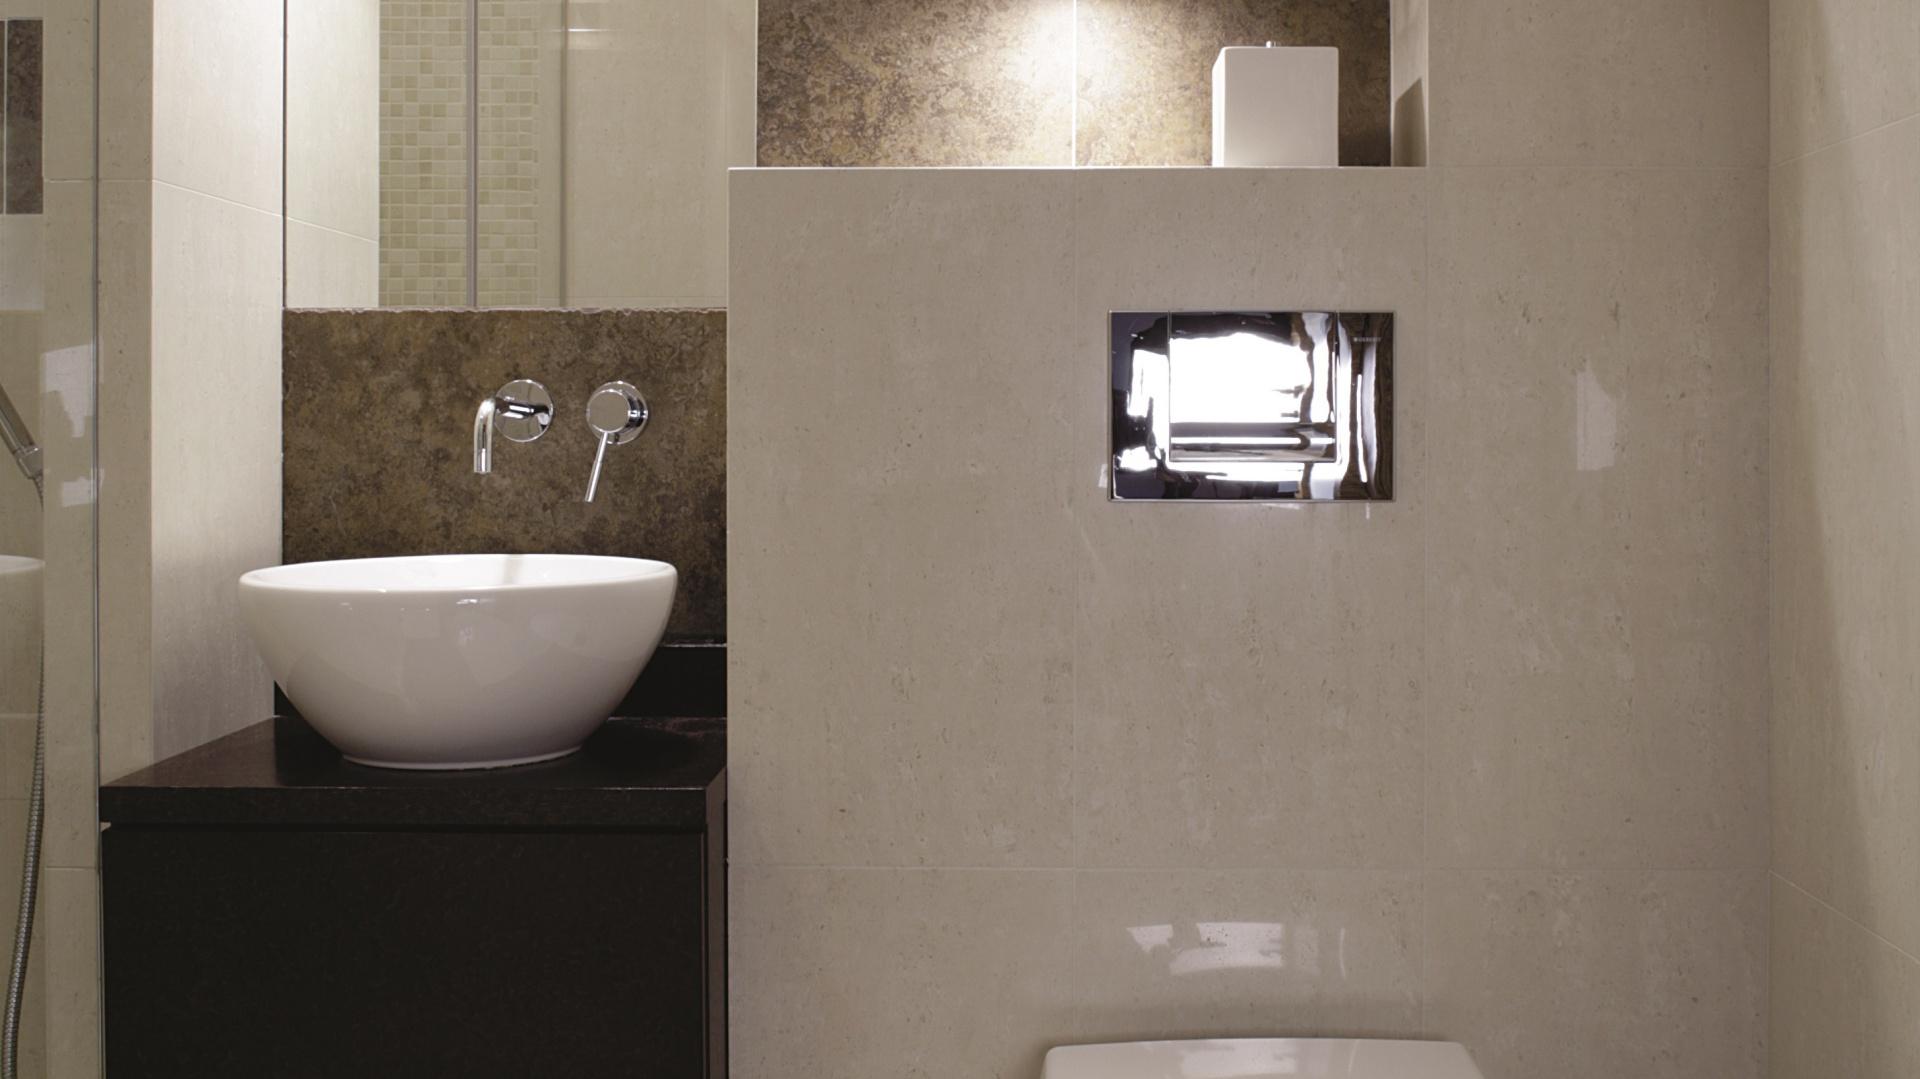 Łazienka na trzech metrach: zobacz projekty architektów - Galeria - Dobrzemieszkaj.pl